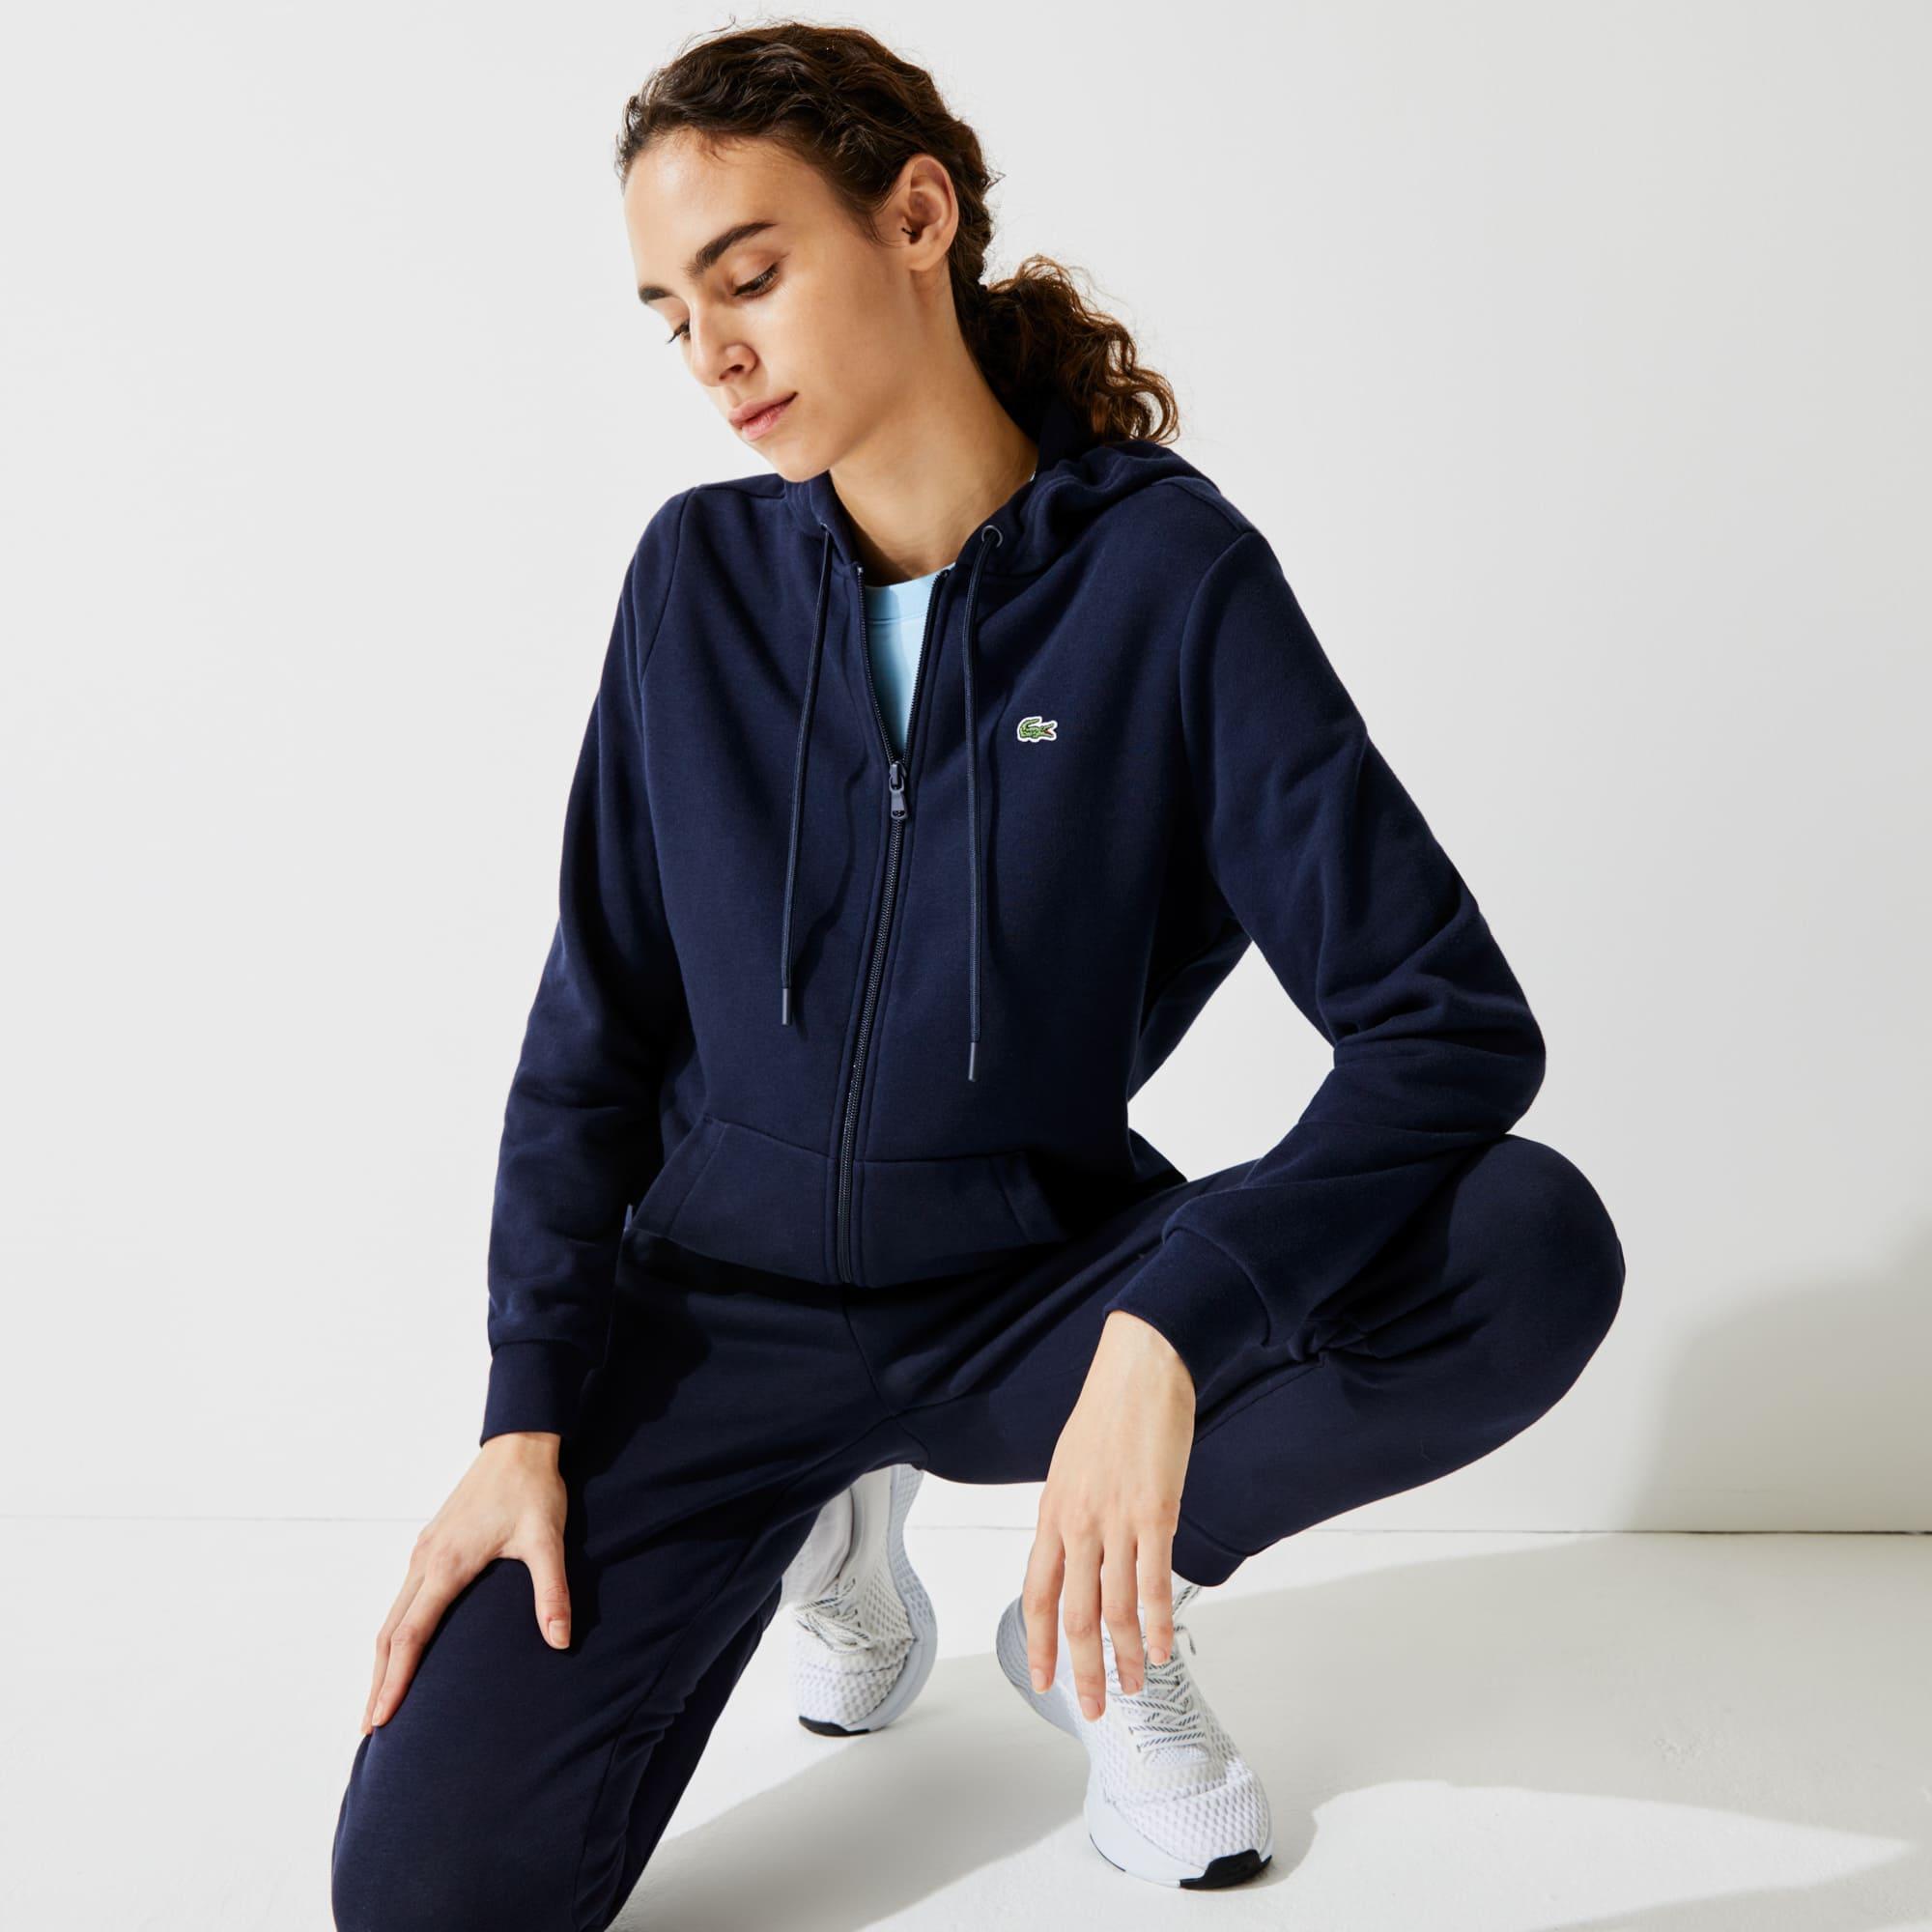 bonne réputation aspect esthétique sans précédent Sweatshirt zippé à capuche Tennis Lacoste SPORT en molleton